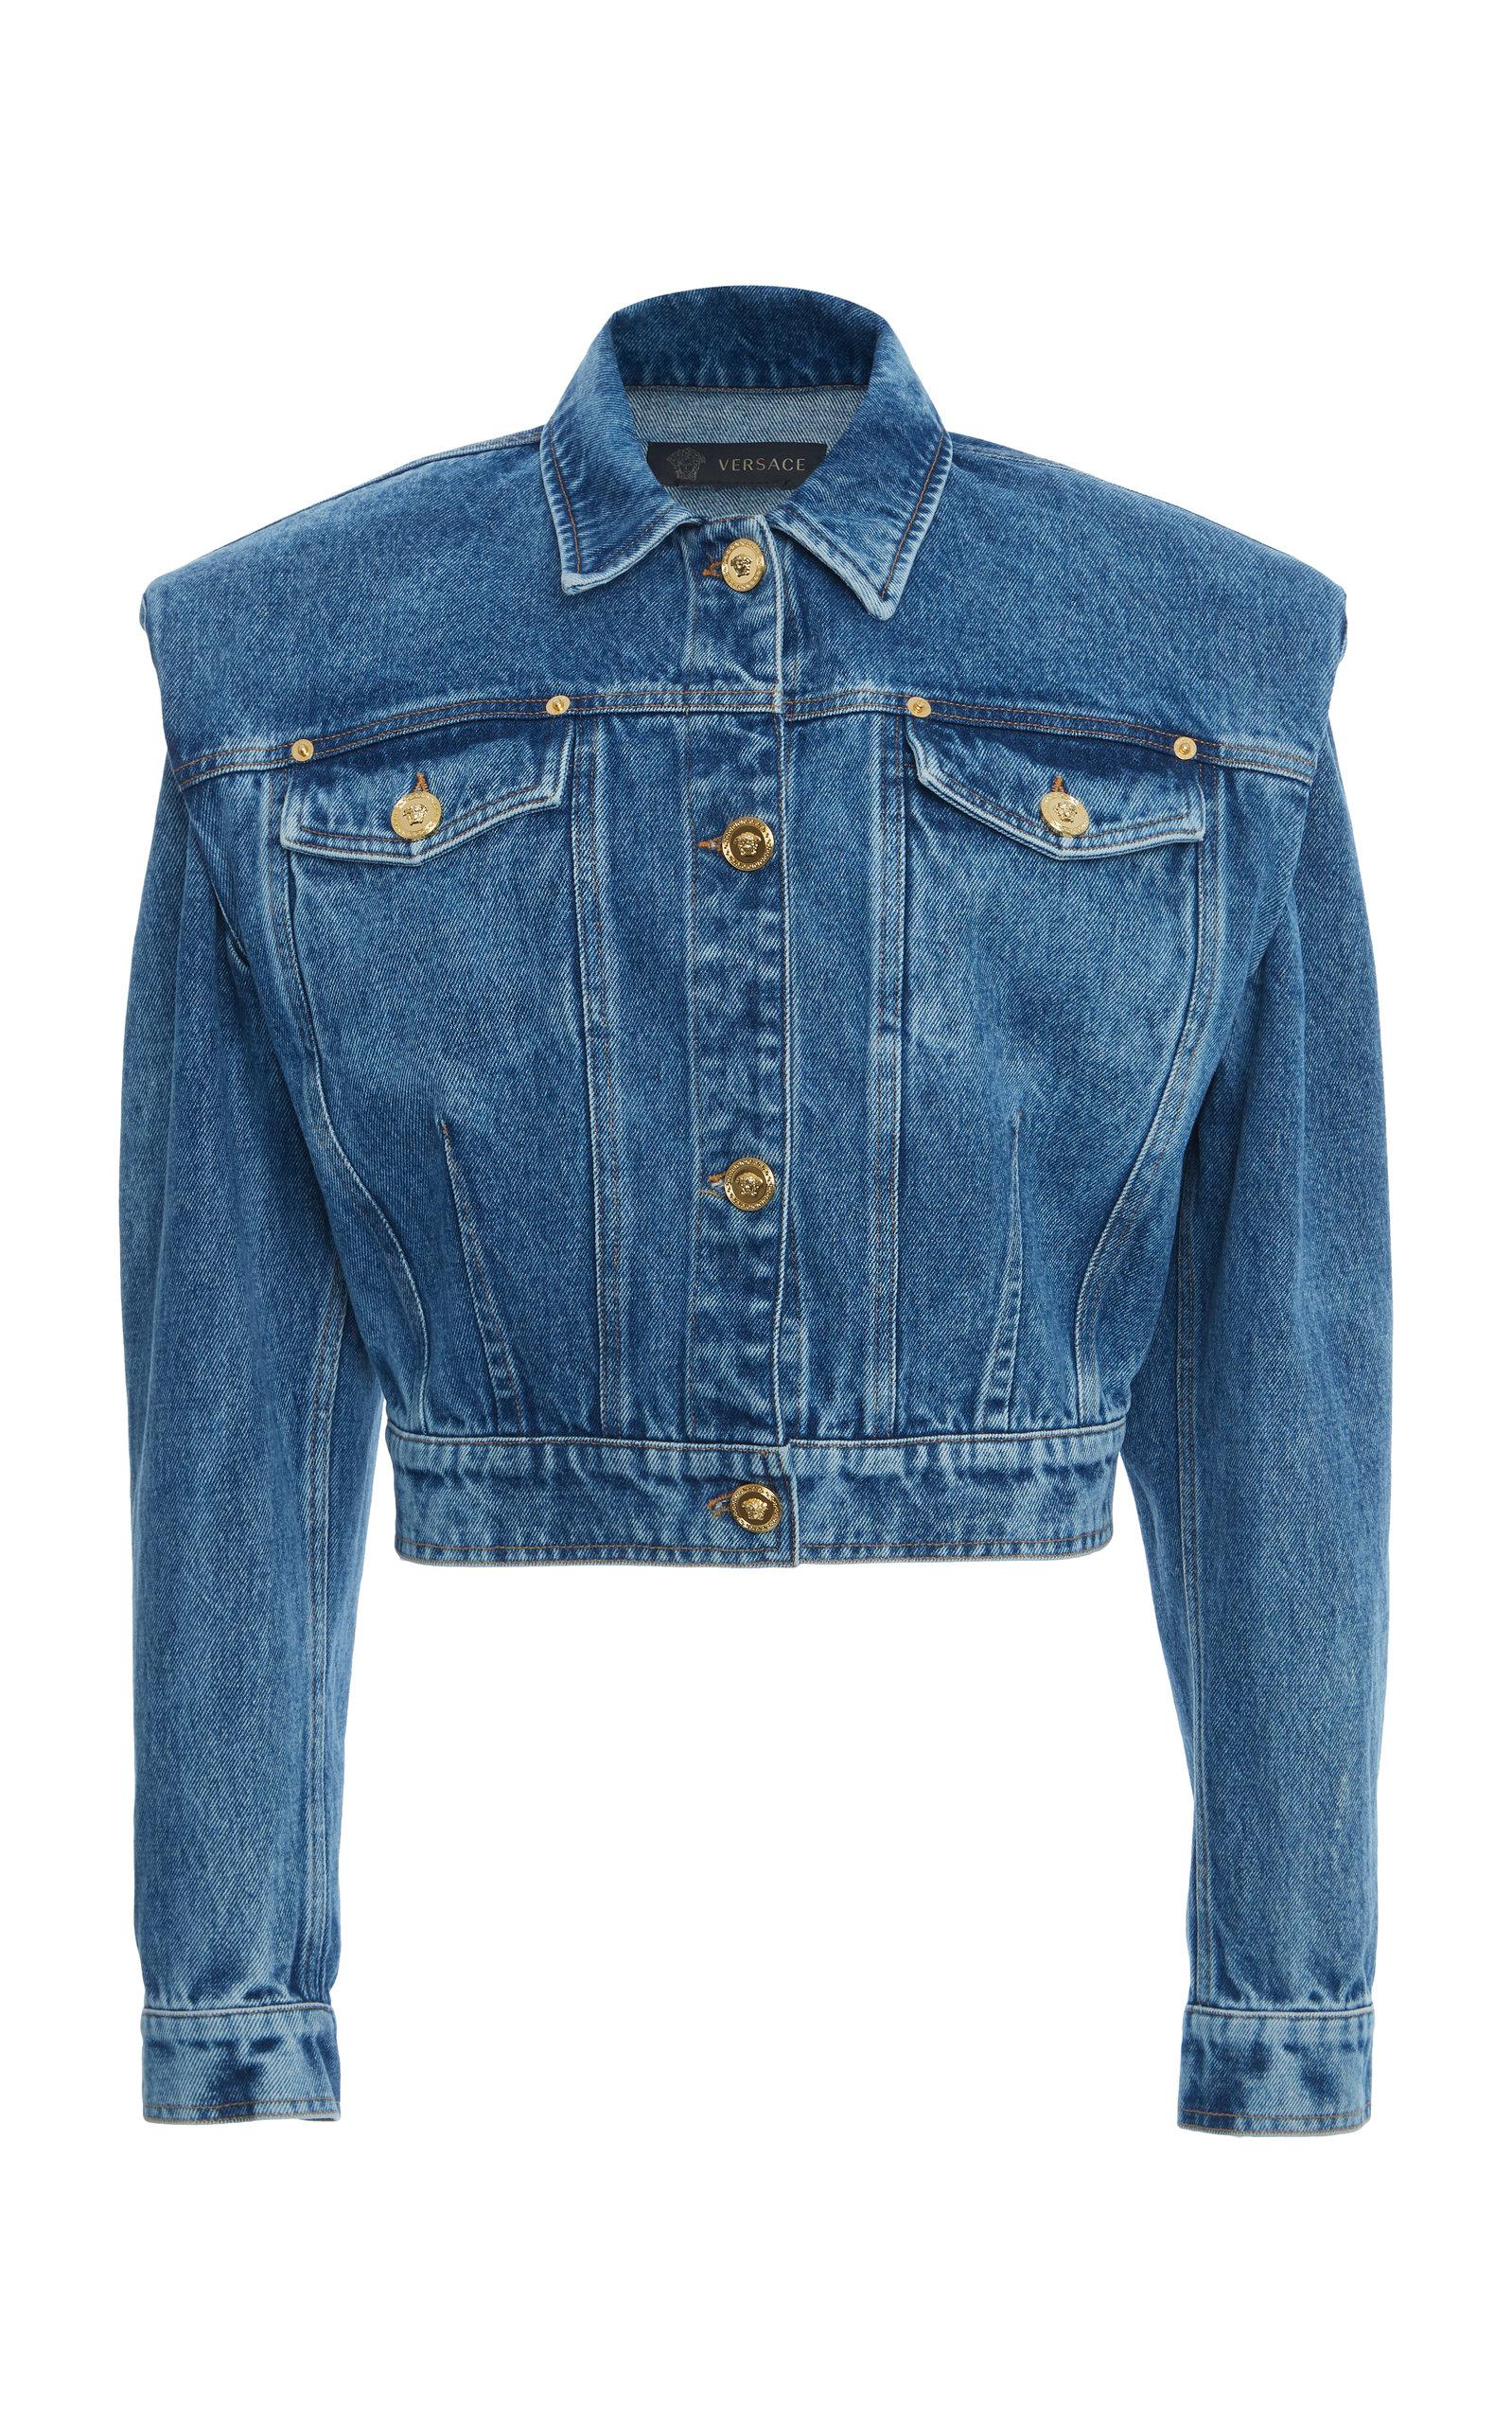 shop limited style elegant and graceful Padded-Shoulder Denim Jacket